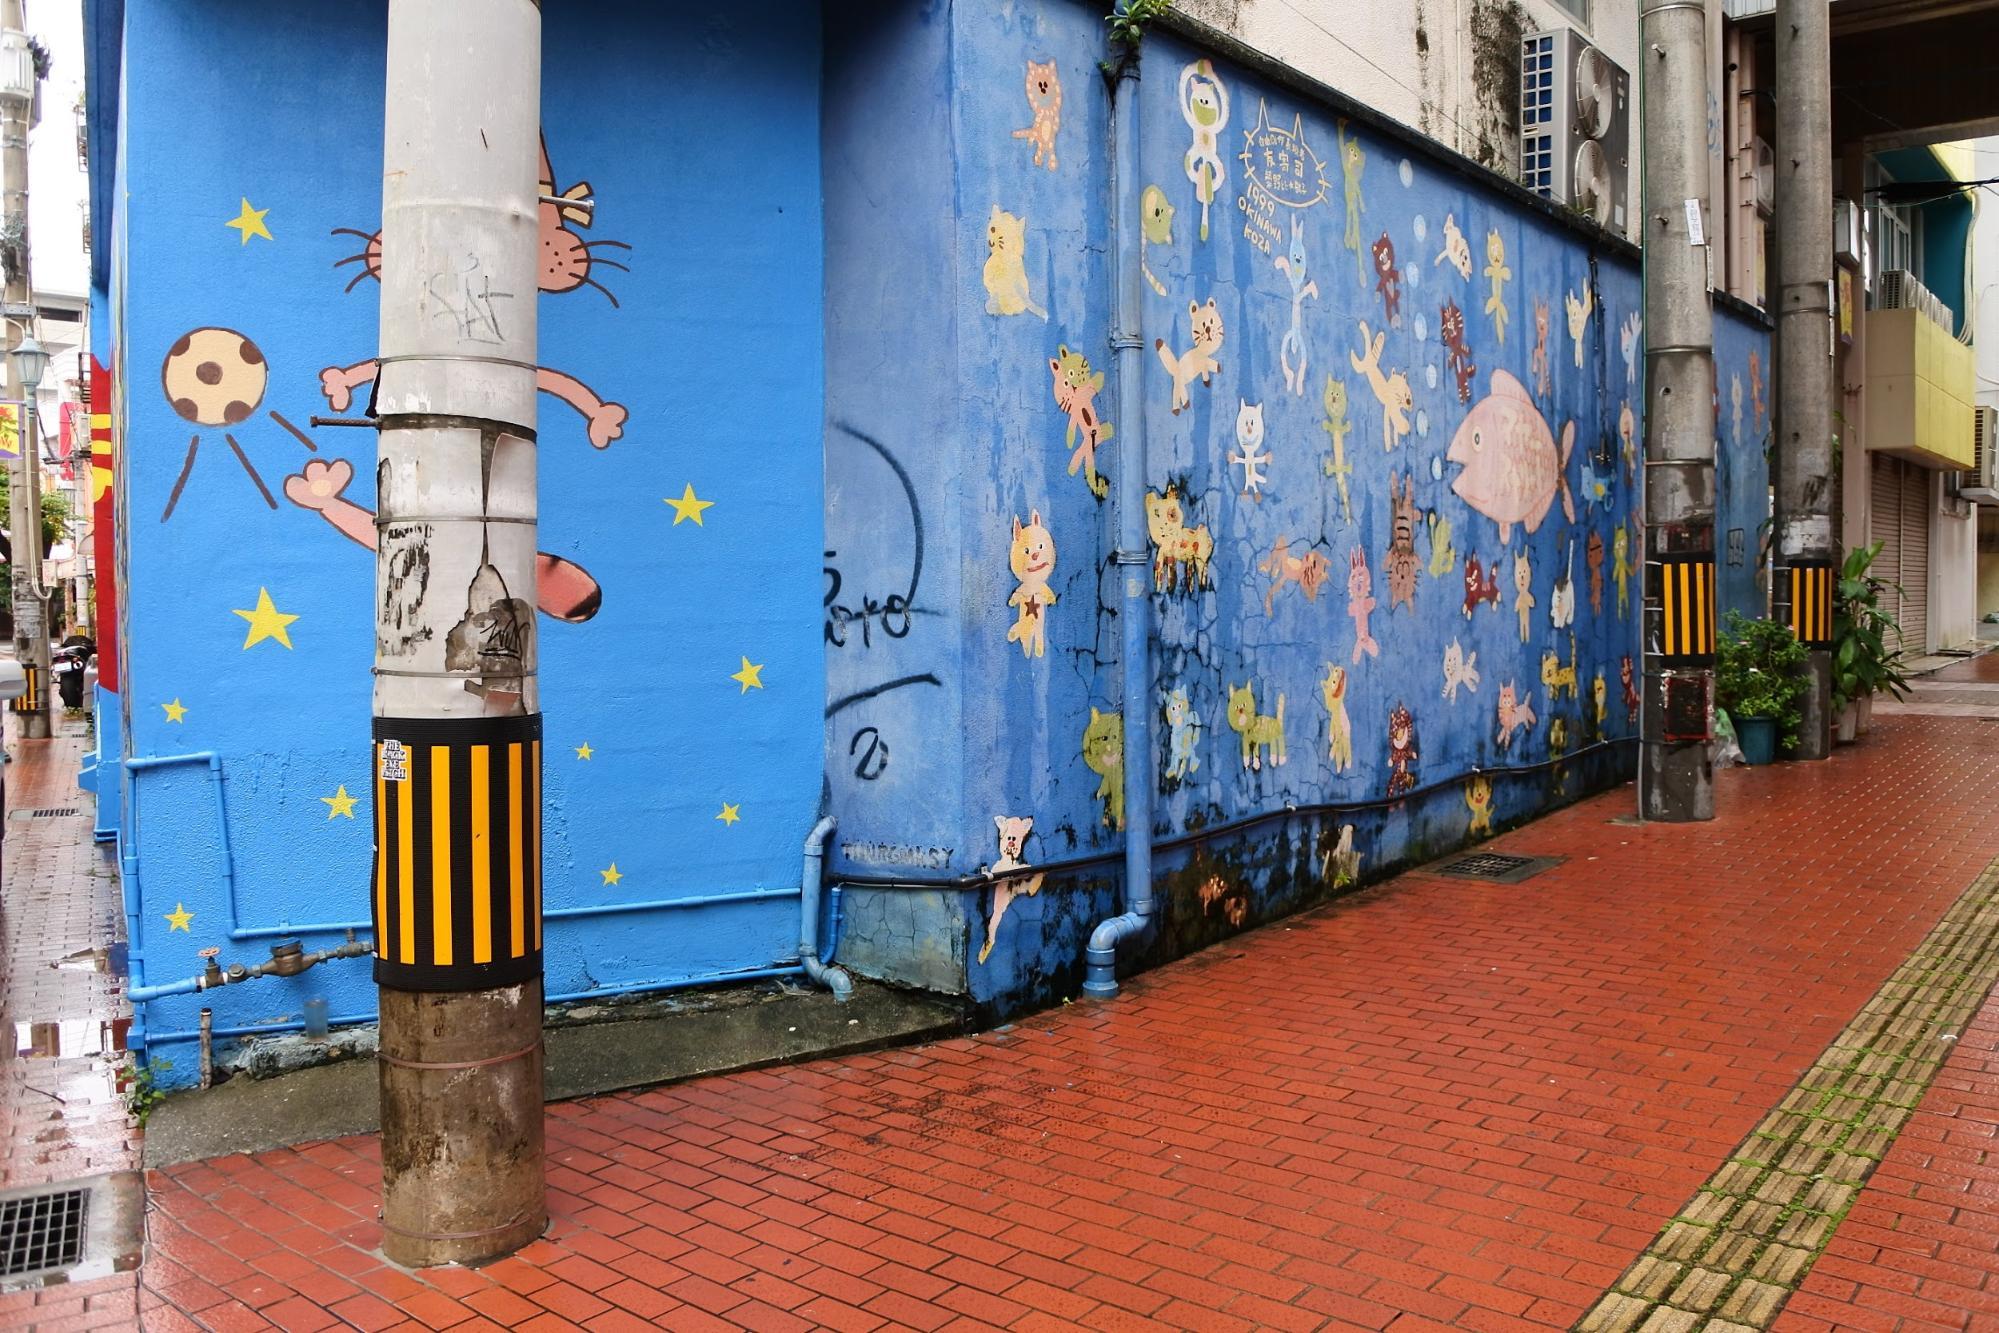 コザの街には絵が描かれていたりする(DENPAさんの作品ではありません) | Photo by Masaya Morita